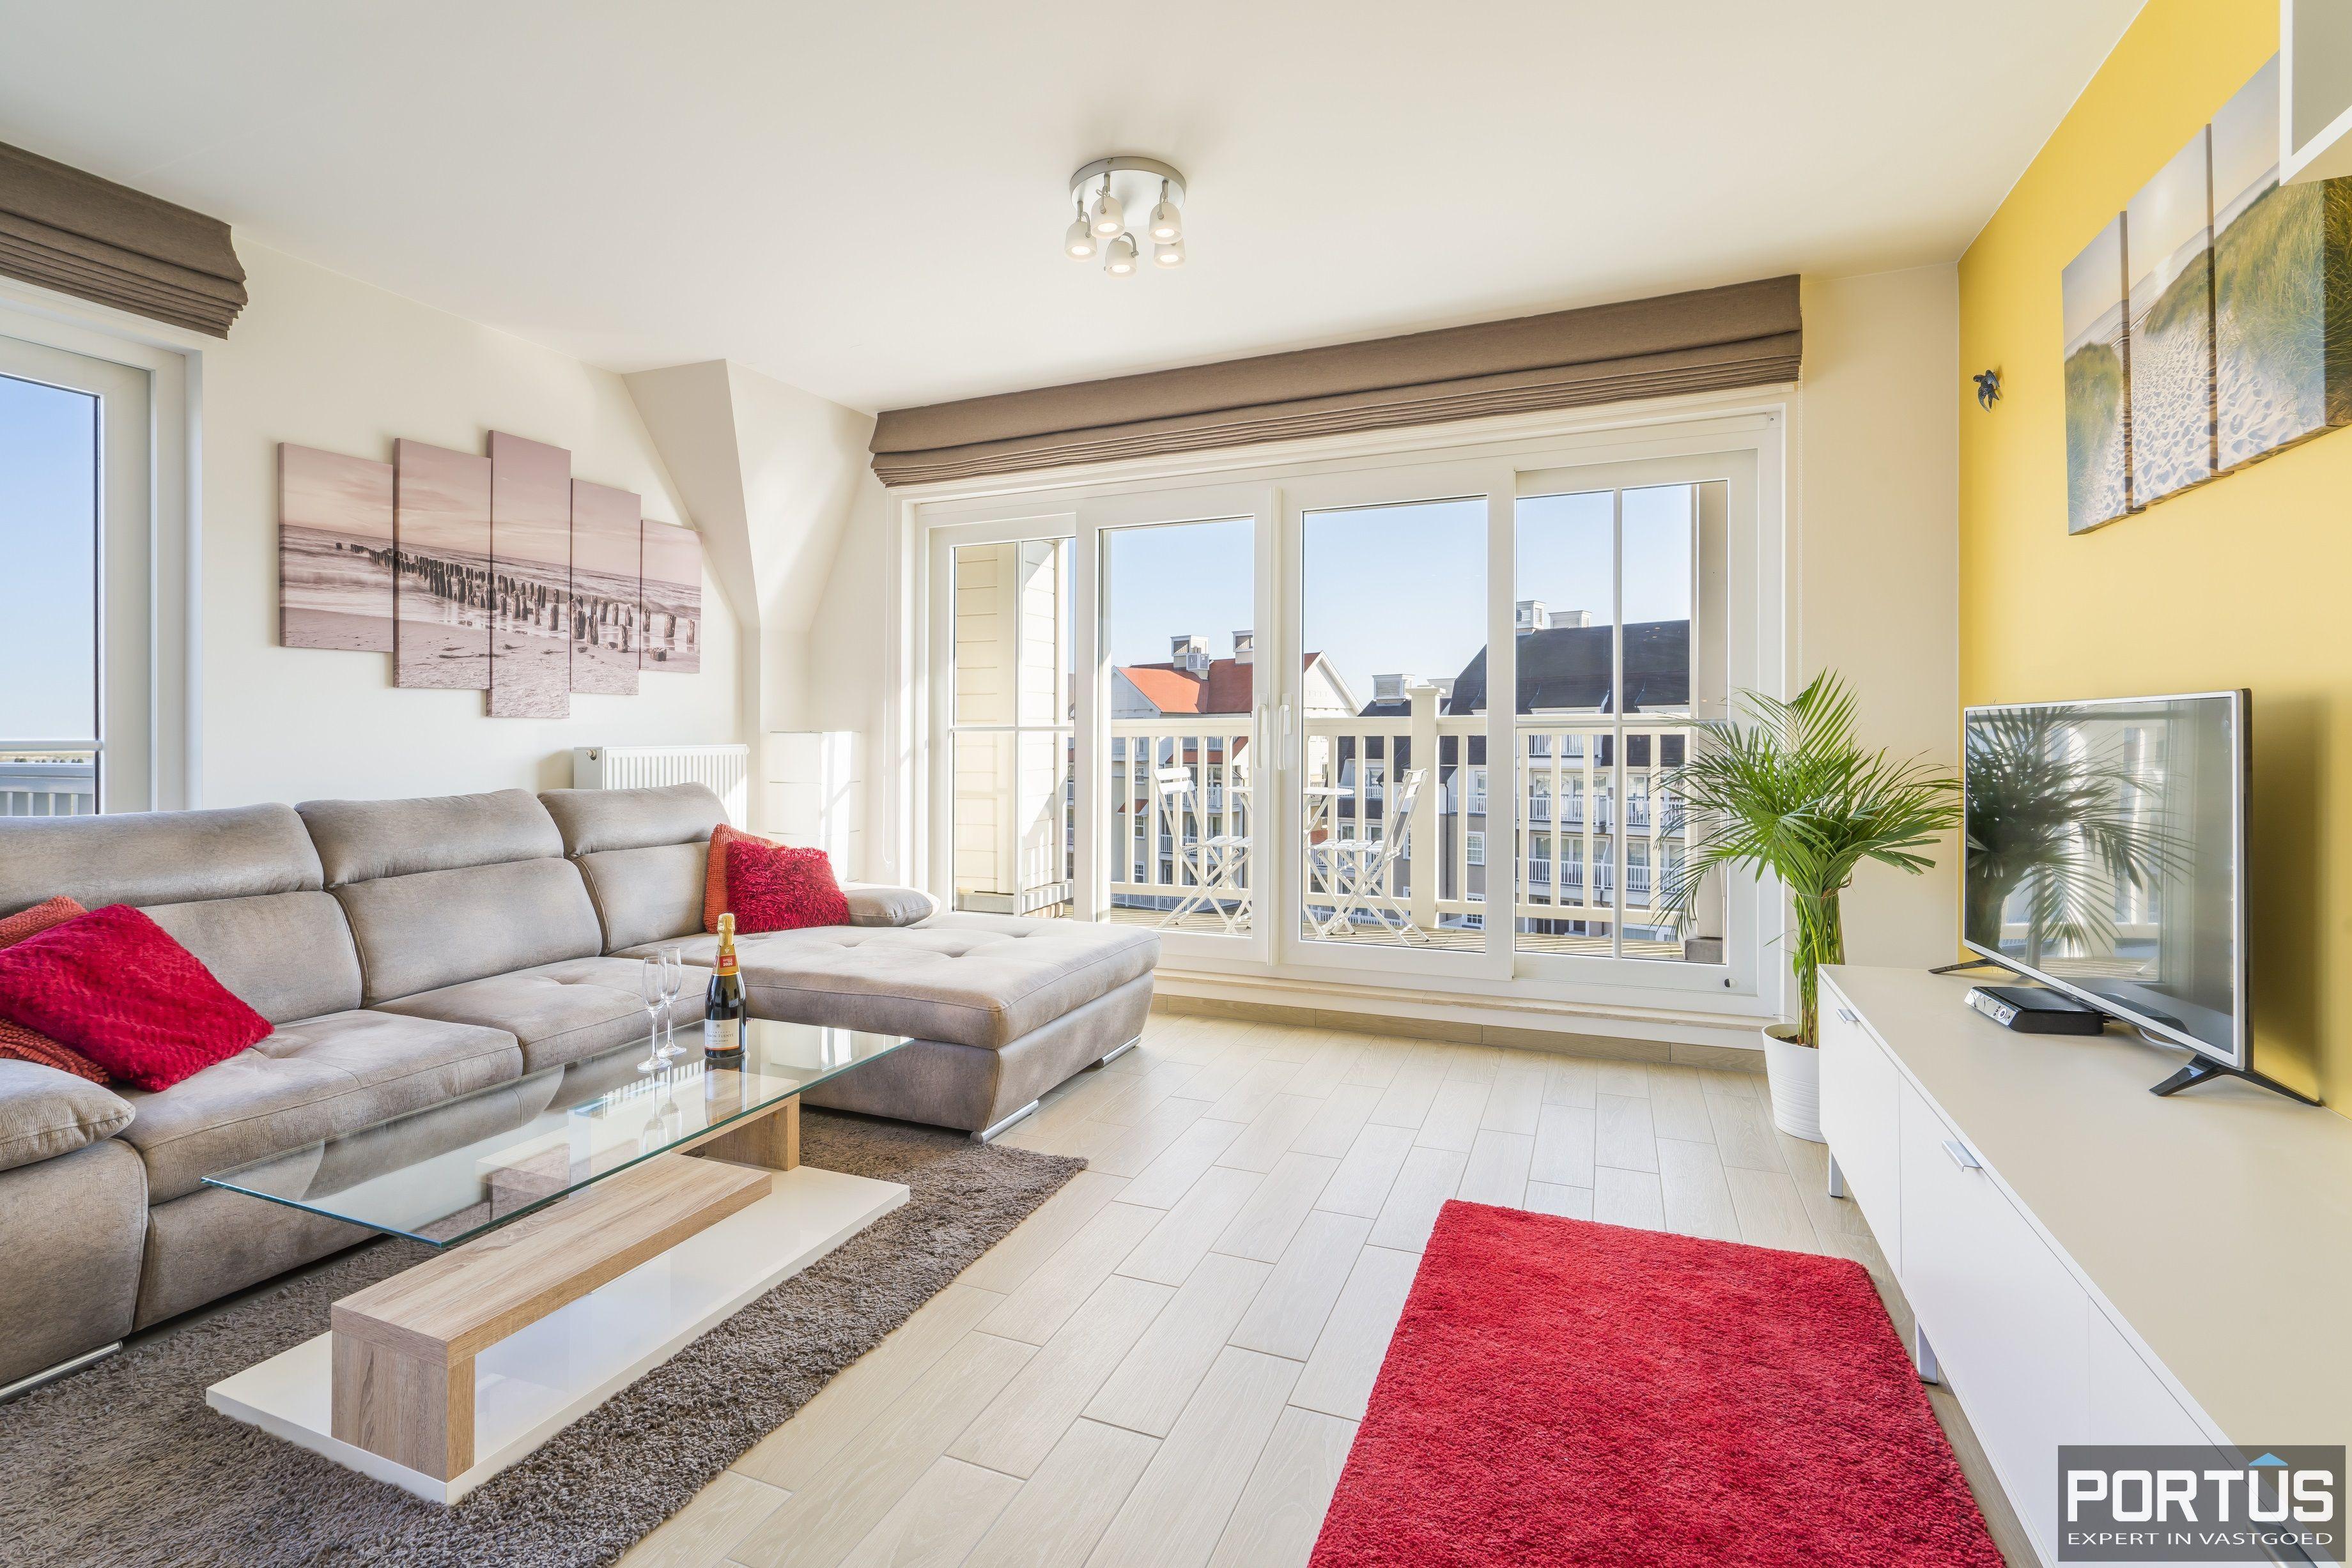 Instapklaar appartement te koop met prachtig zicht op Maritiem park te Nieuwpoort - 13304